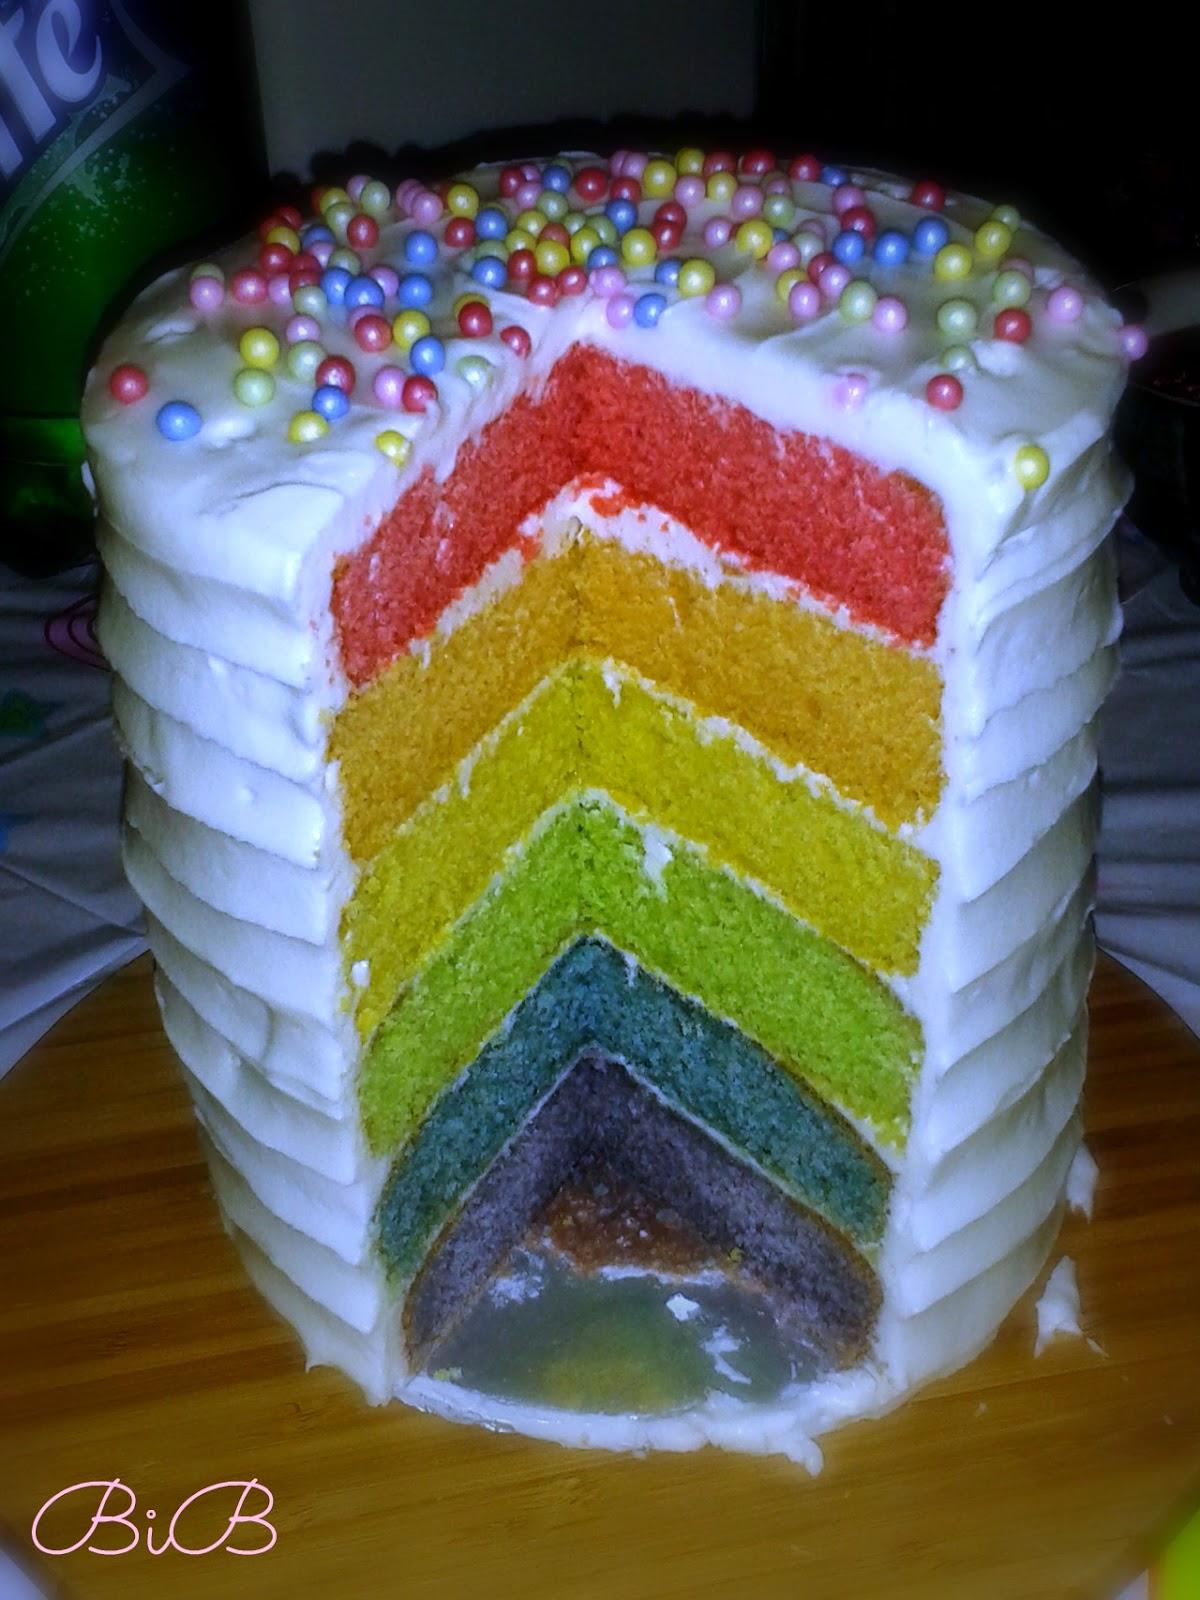 Wilkos Cake Tins